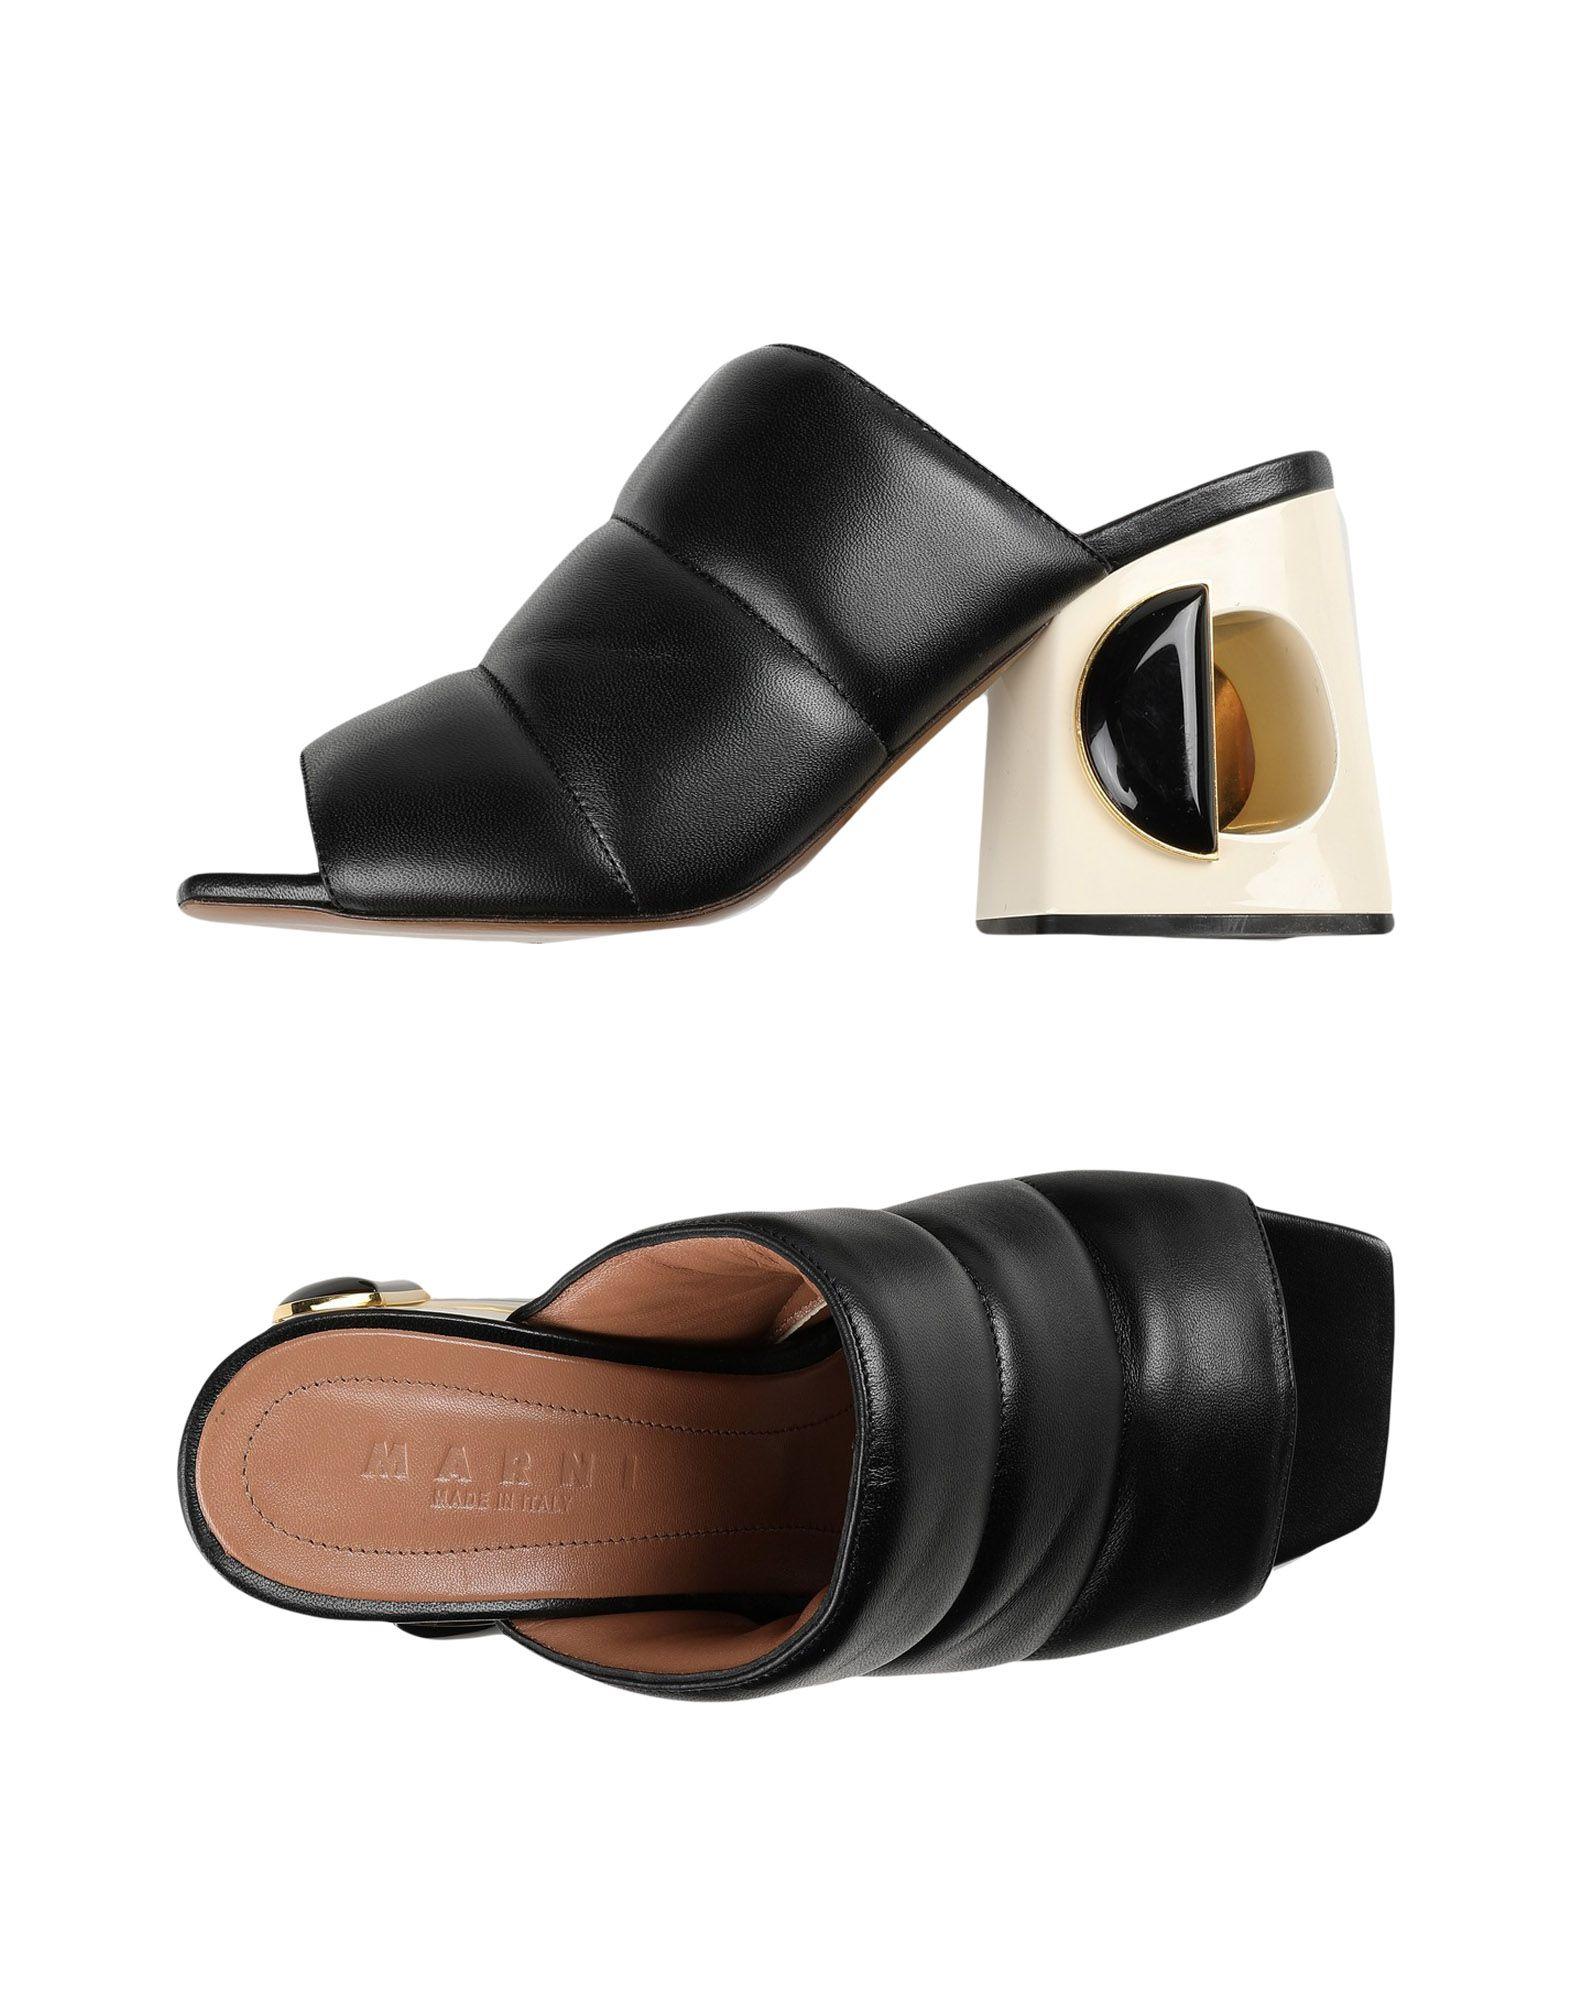 Moda Sandali Marni Donna - 11511294JM